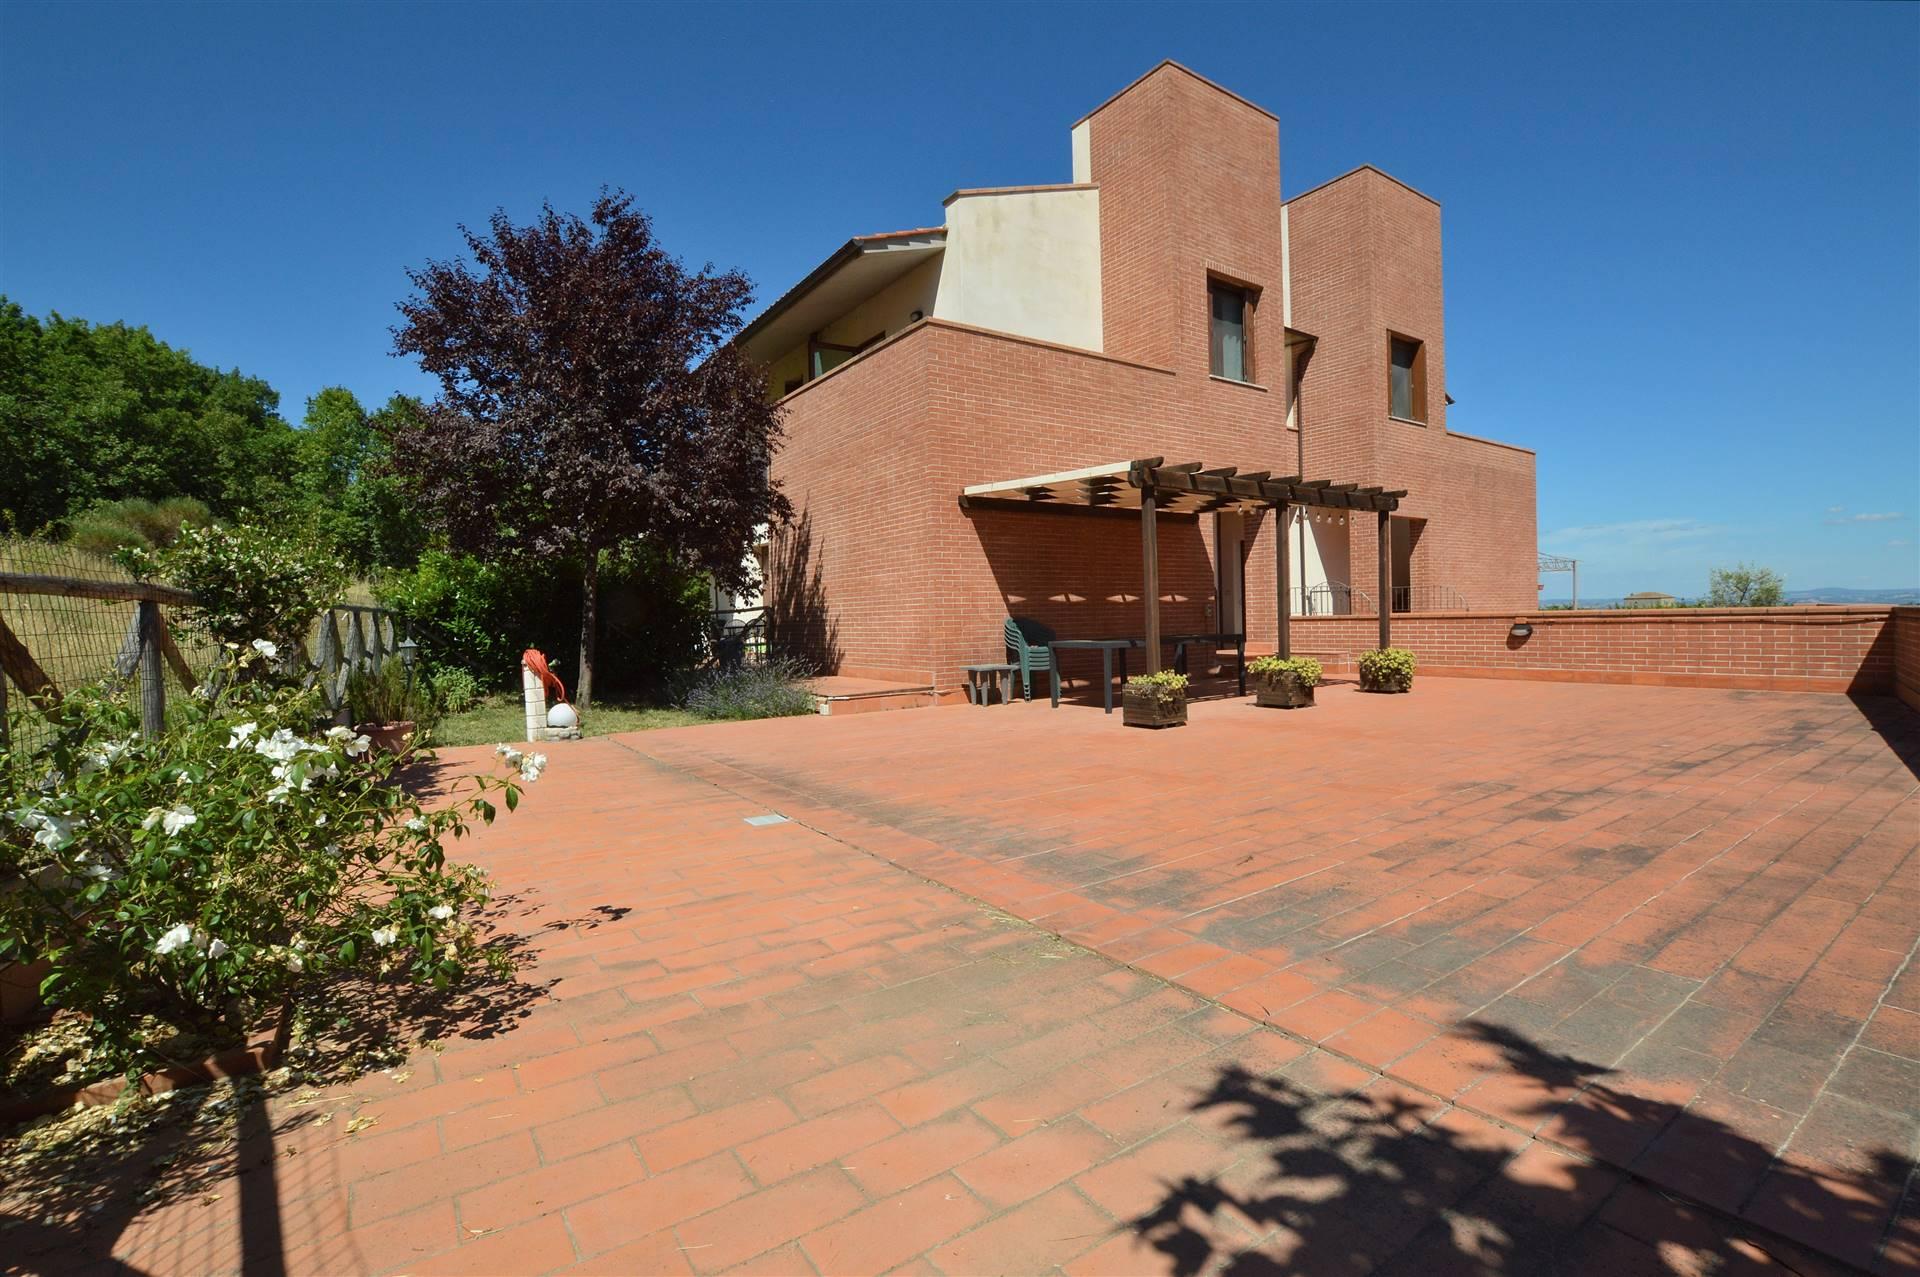 Ville di Corsano, in piacevole contesto residenziale di recente costruzione, proponiamo appartamento trilocale con grande resede con splendida vista